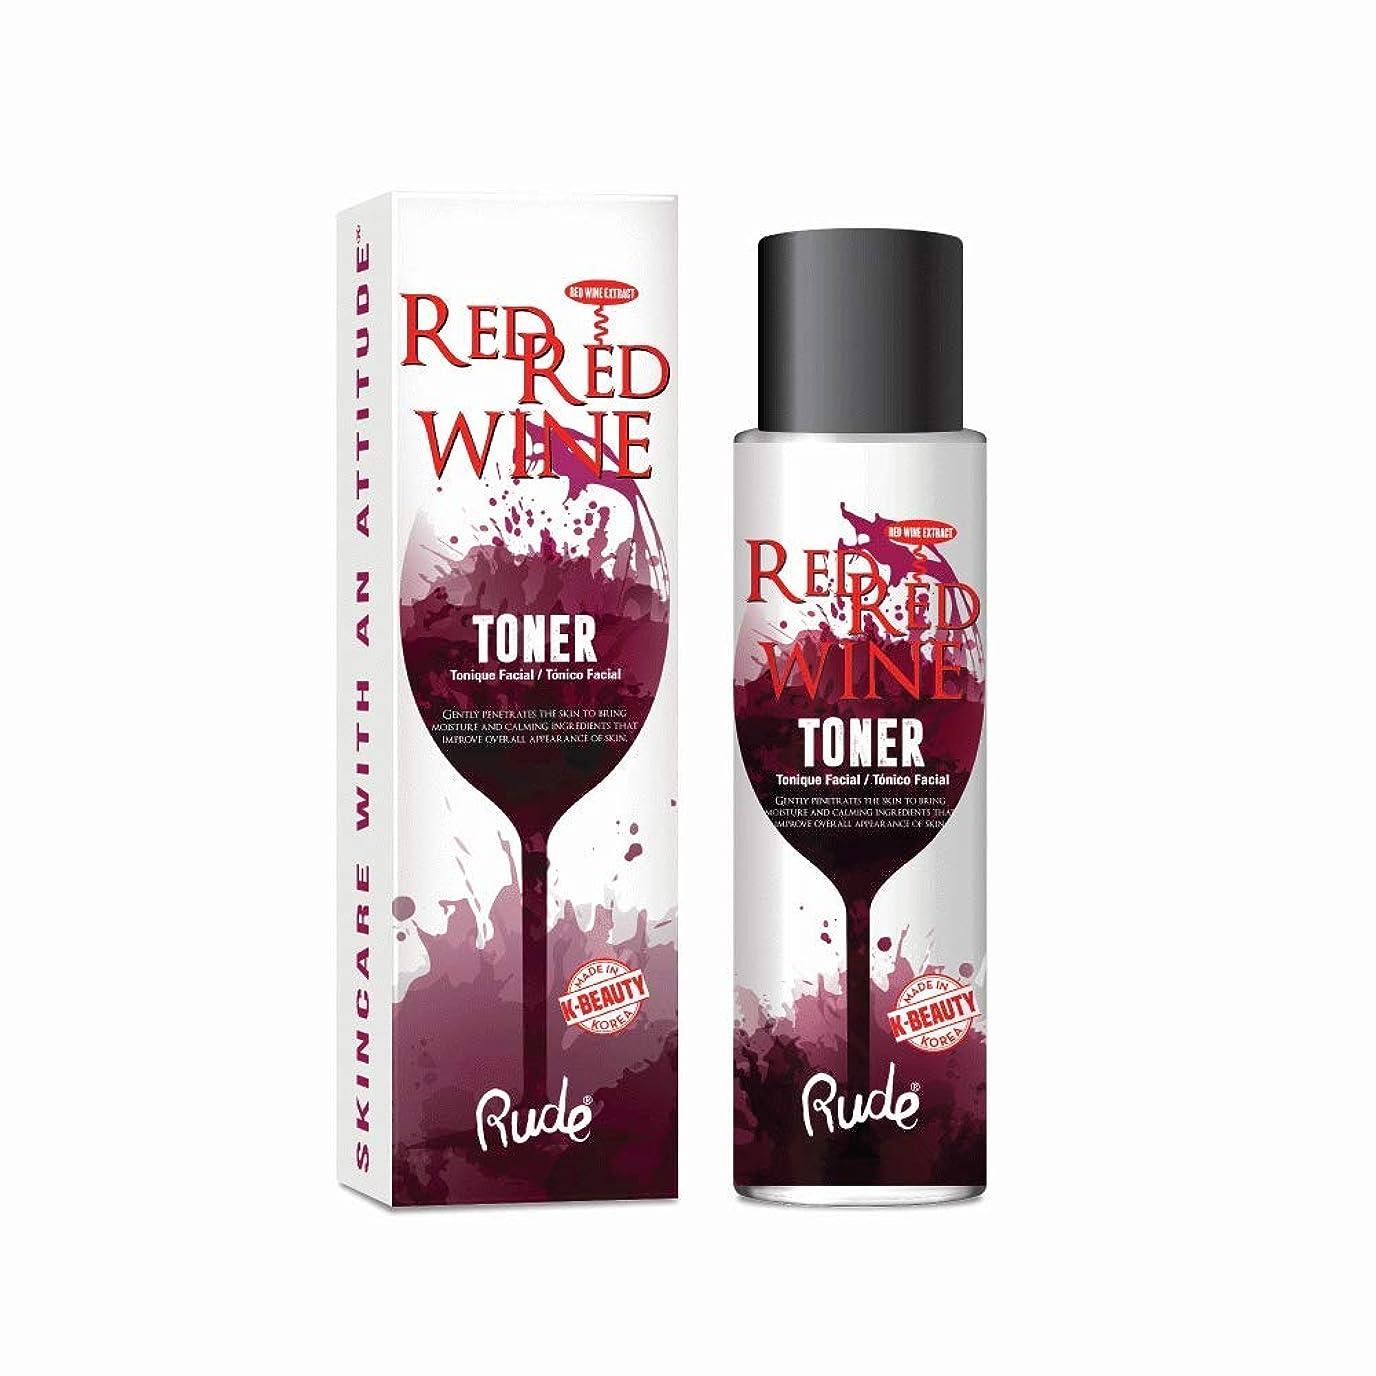 テキストあたたかい評決(6 Pack) RUDE Red Red Wine Toner (並行輸入品)